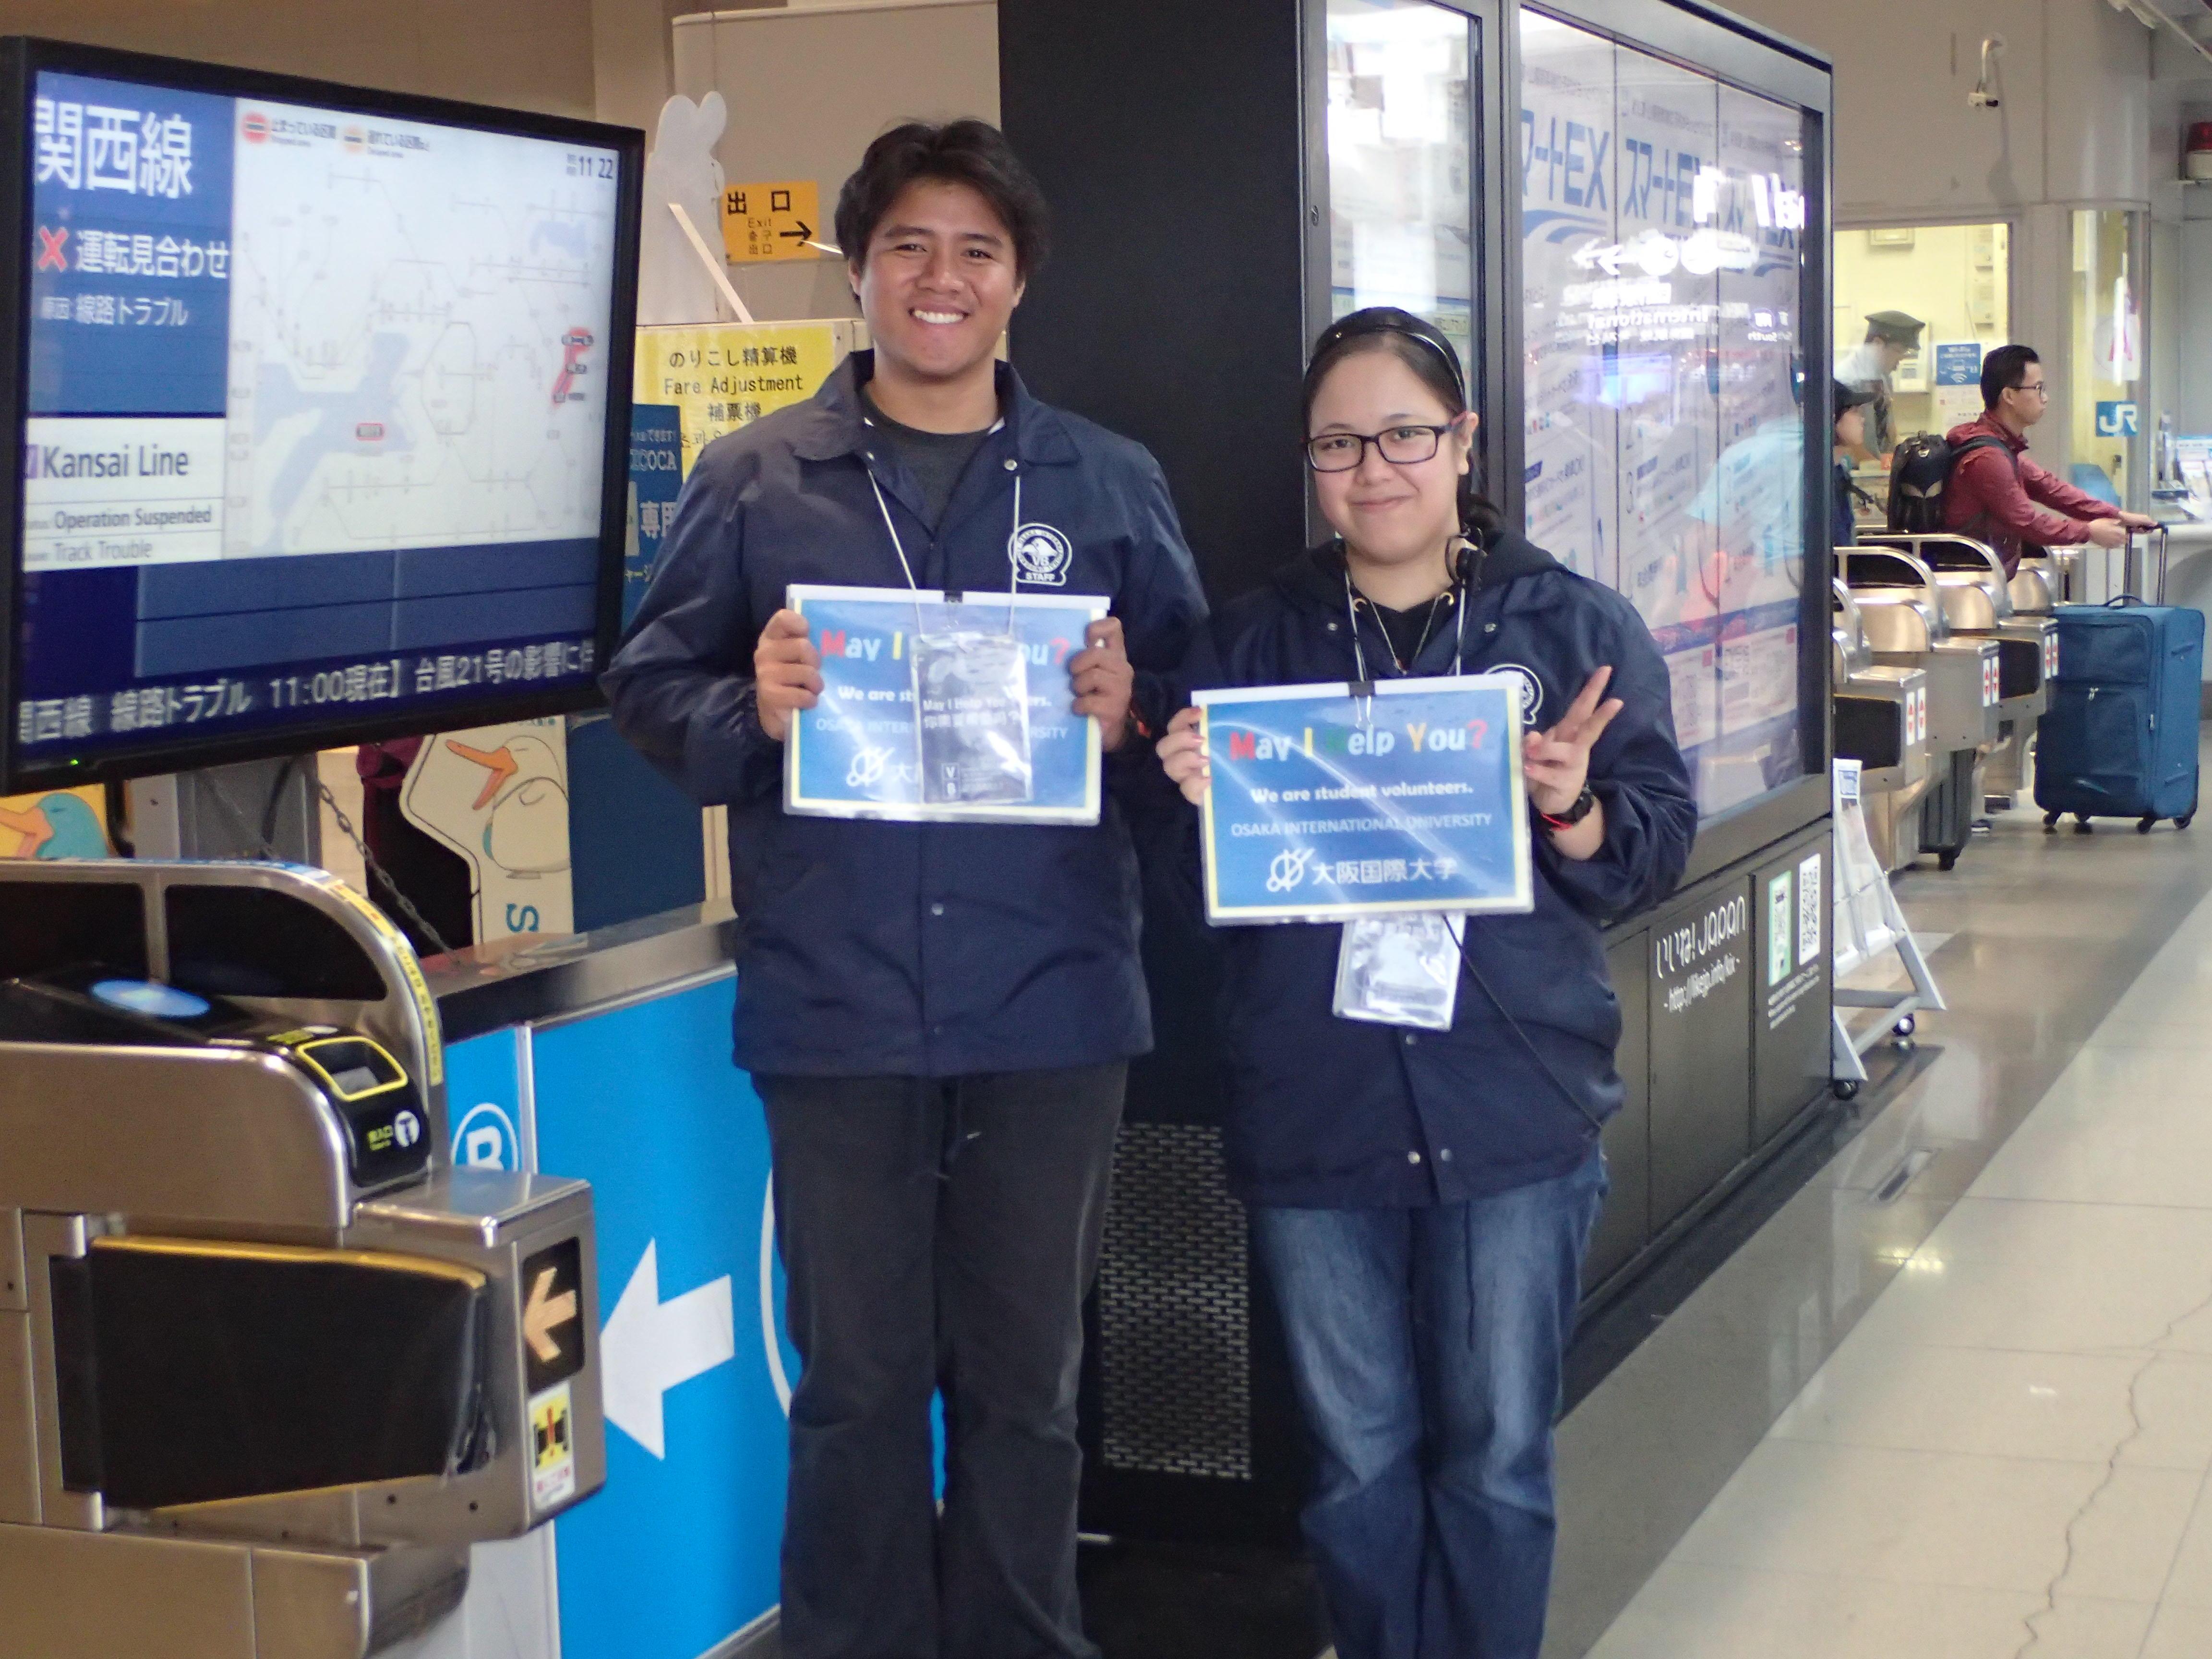 関西国際空港で活躍している大阪国際大学生たちと、「OIUキッズキャンパス」に参加している子どもたちが、11月18日に外国人旅行客おもてなし案内活動をします。